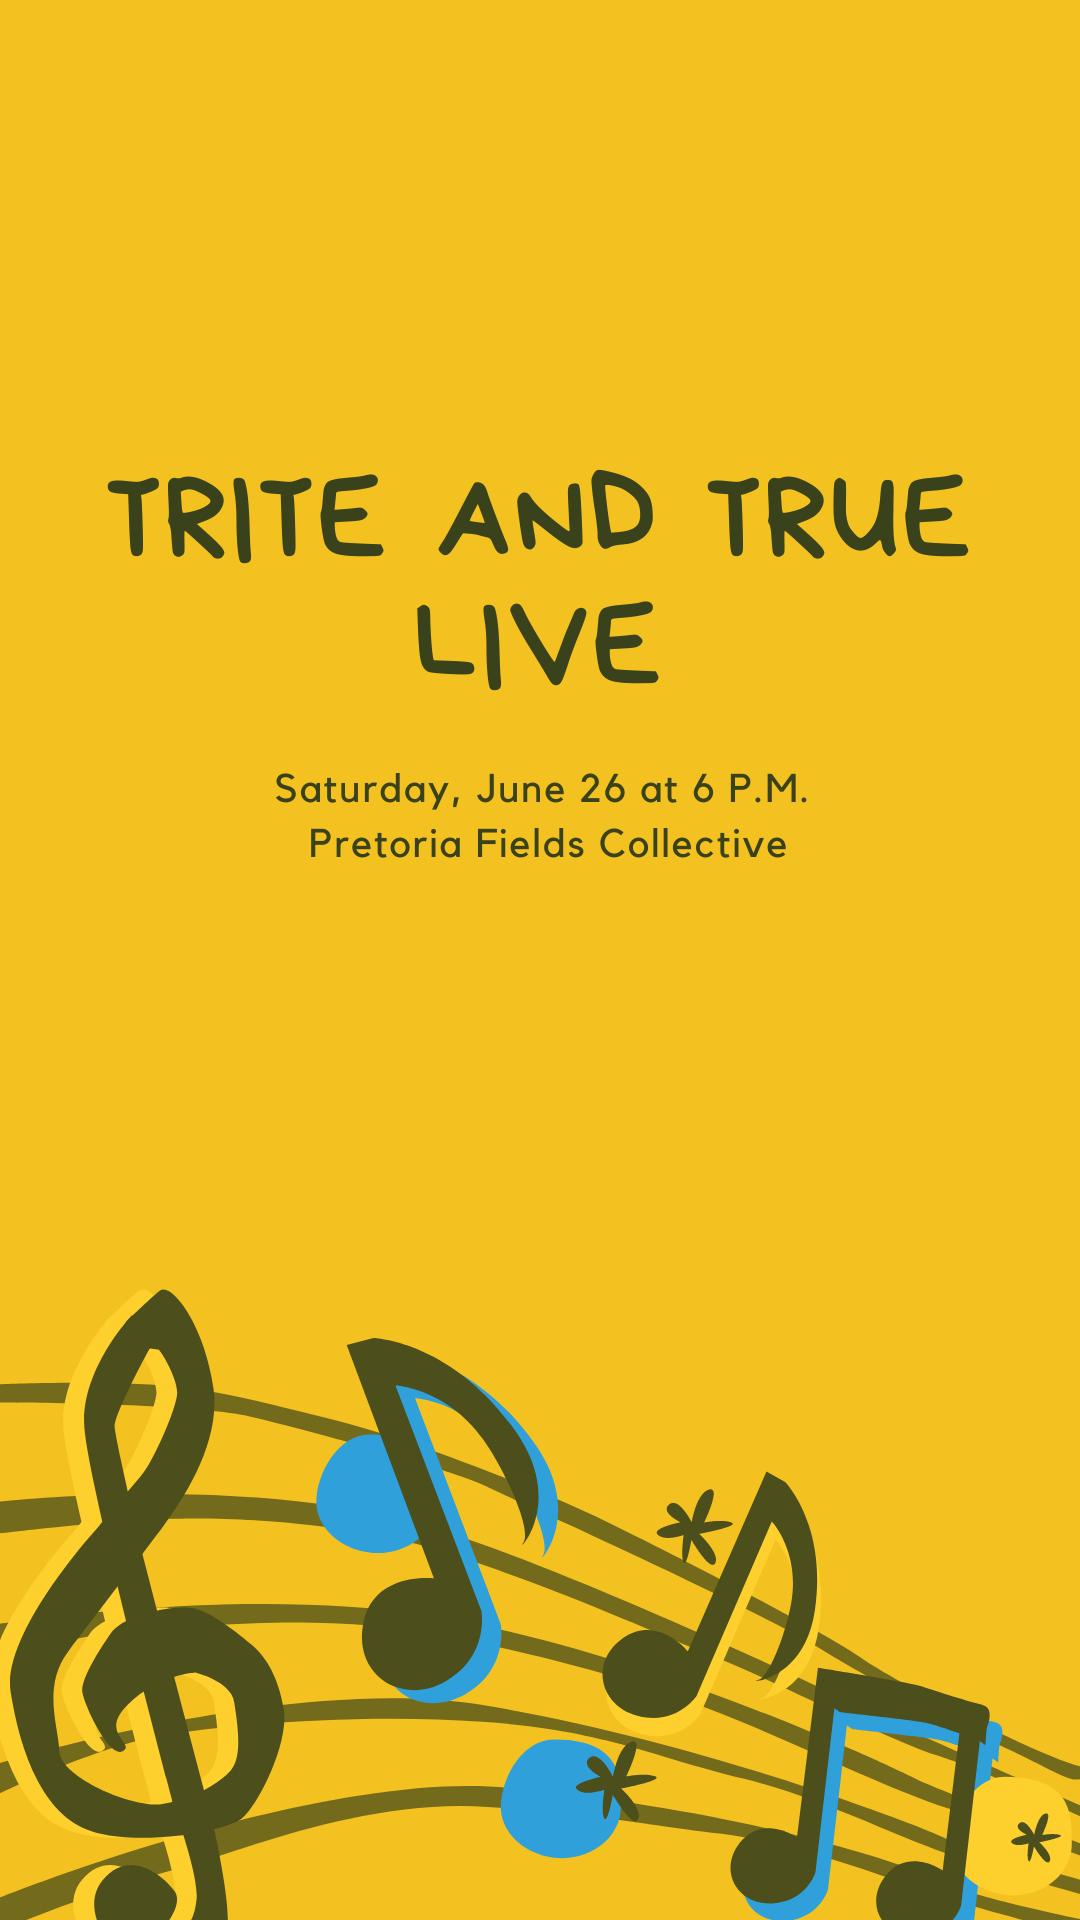 Live Music at Pretoria Fields by Trite and True